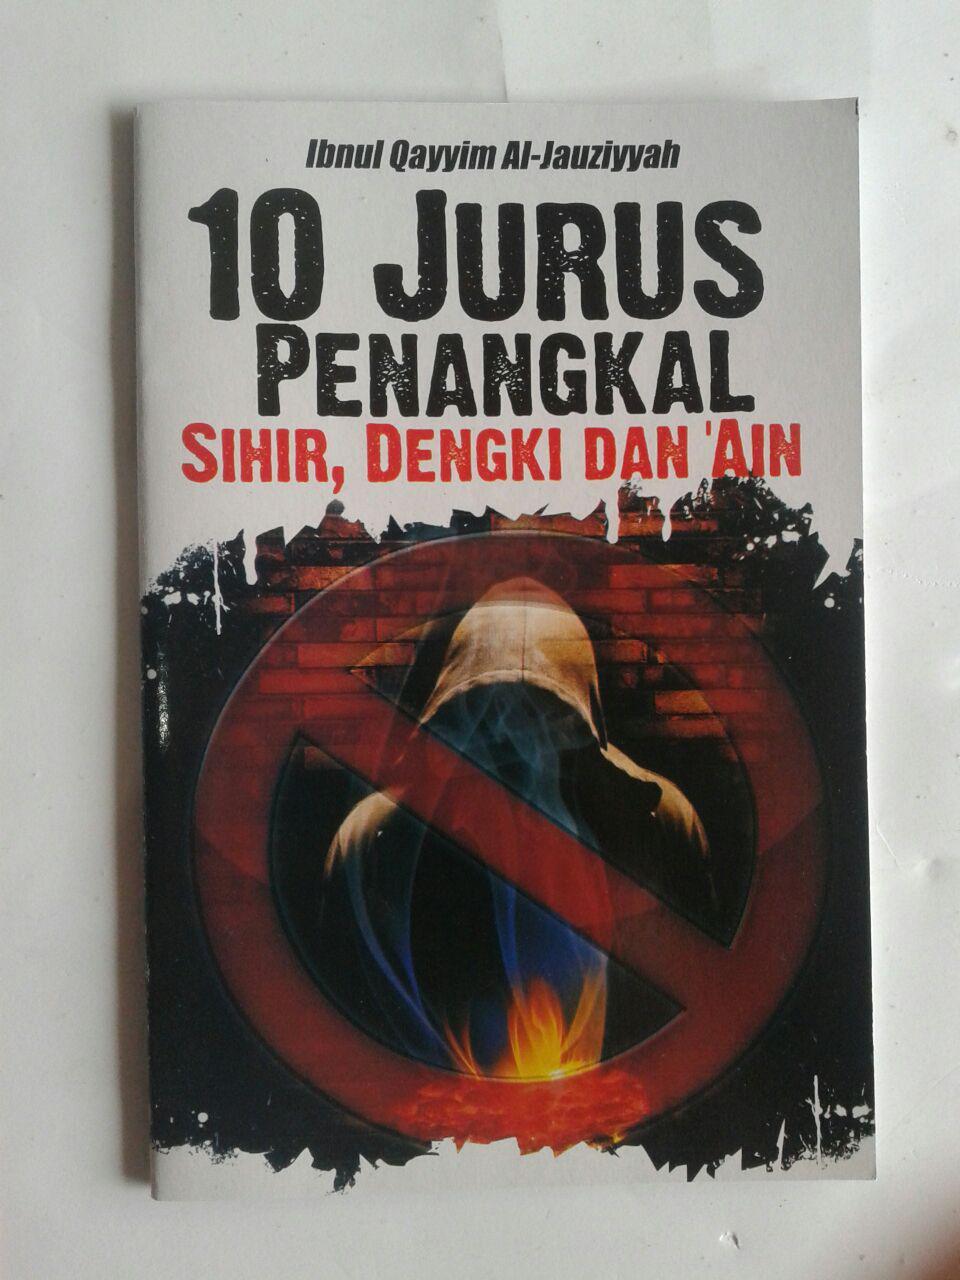 Buku 10 Jurus Penangkal Sihir Dengki Dan Ain cover 2